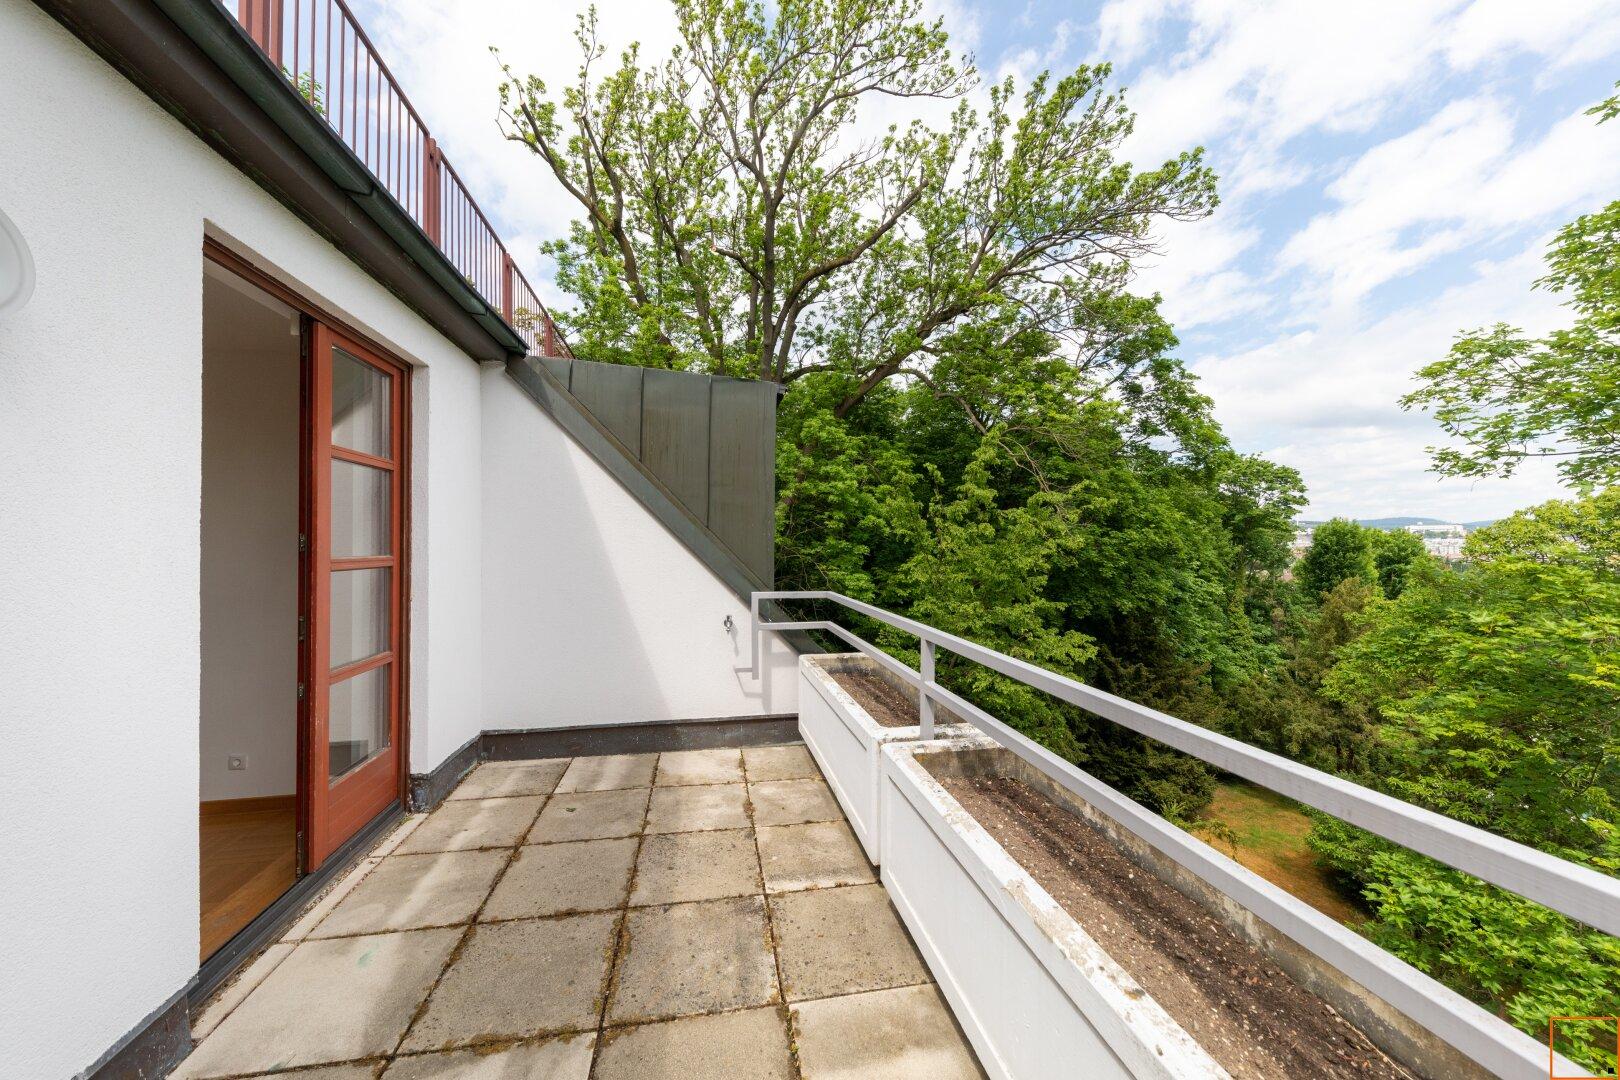 Terrasse ( 7,74 m²) beim Schlafzimmer